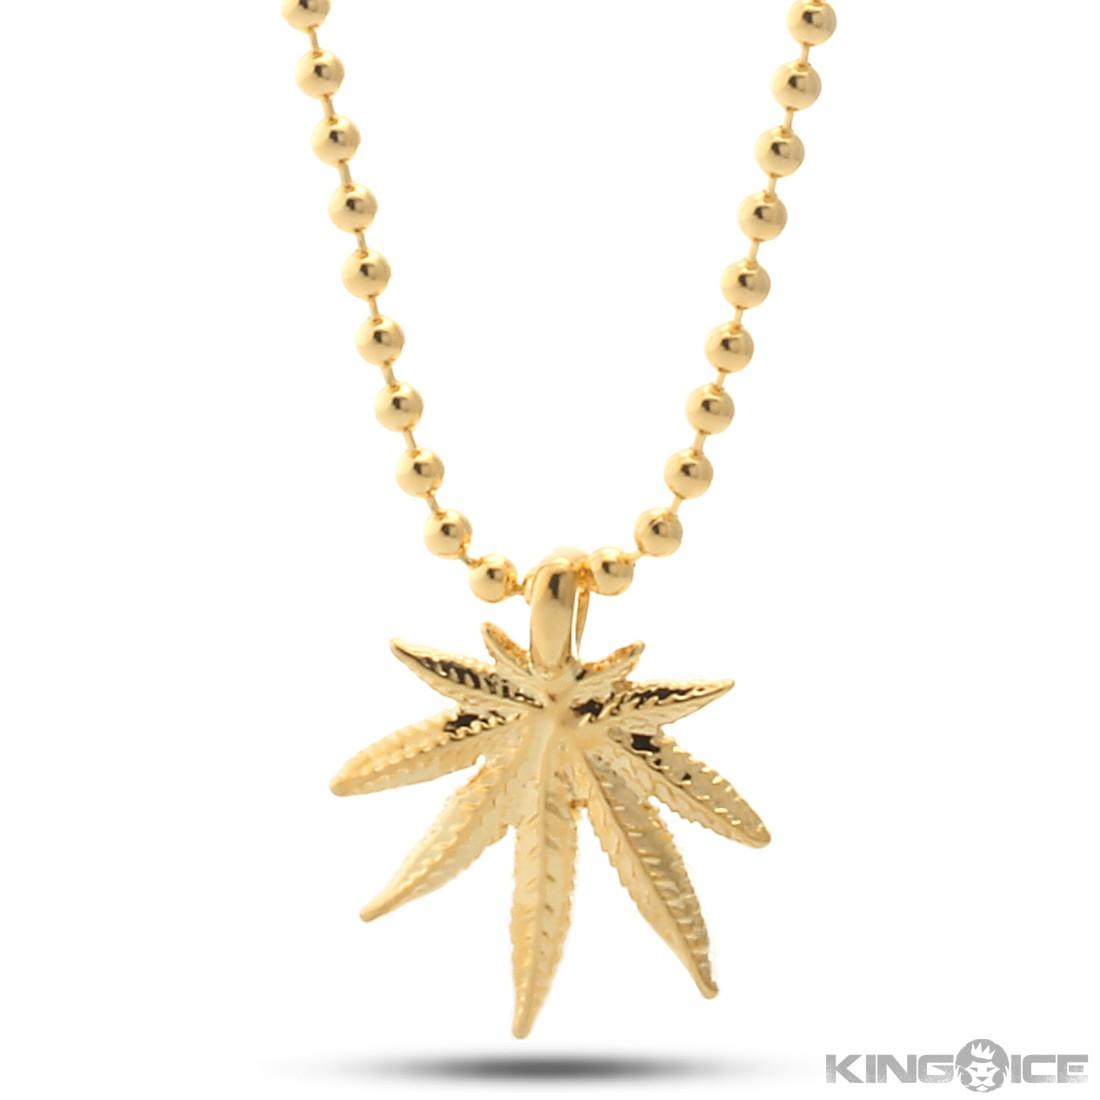 King Ice 14k Gold Marijuana Leaf Necklace